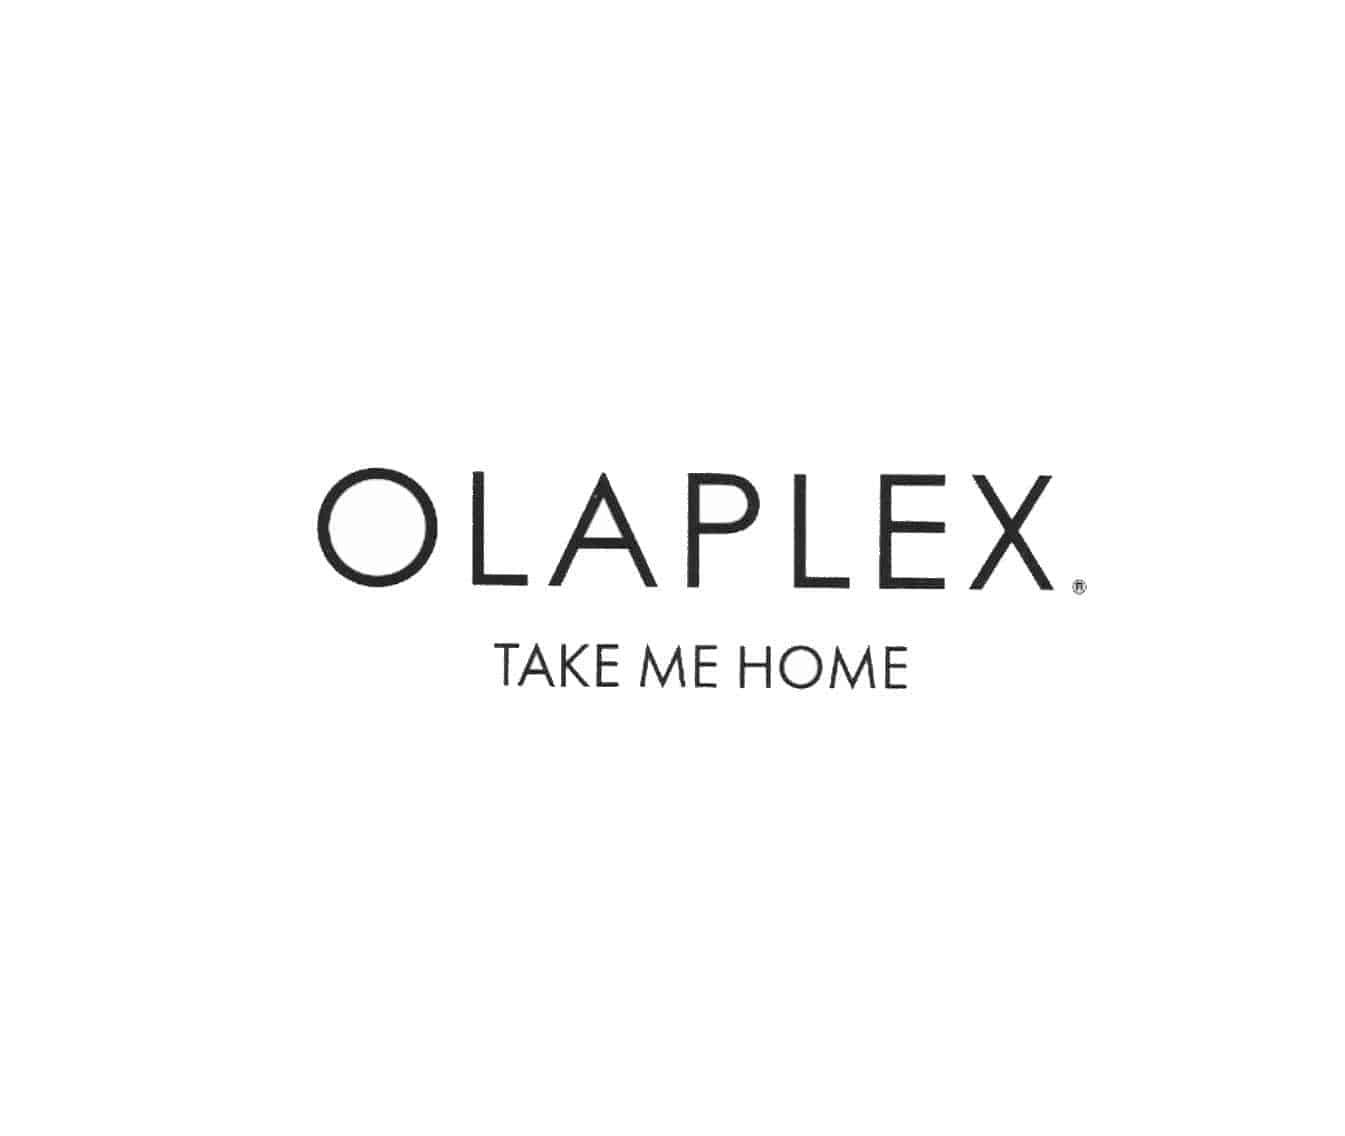 olaplex-carousel.jpg